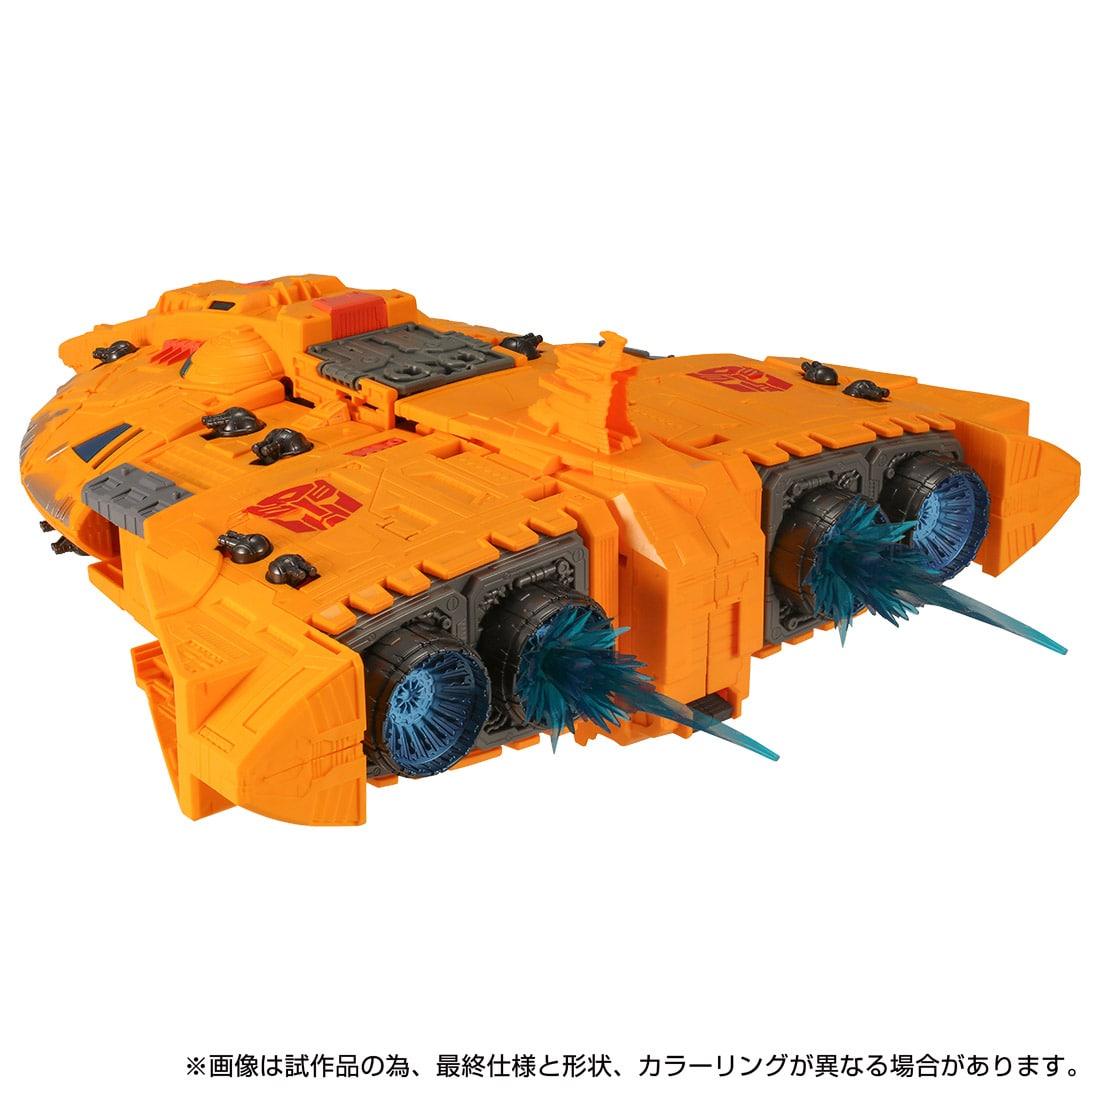 【限定販売】トランスフォーマー キングダム『KD EX-09 オートボットアーク』可変可動フィギュア-003